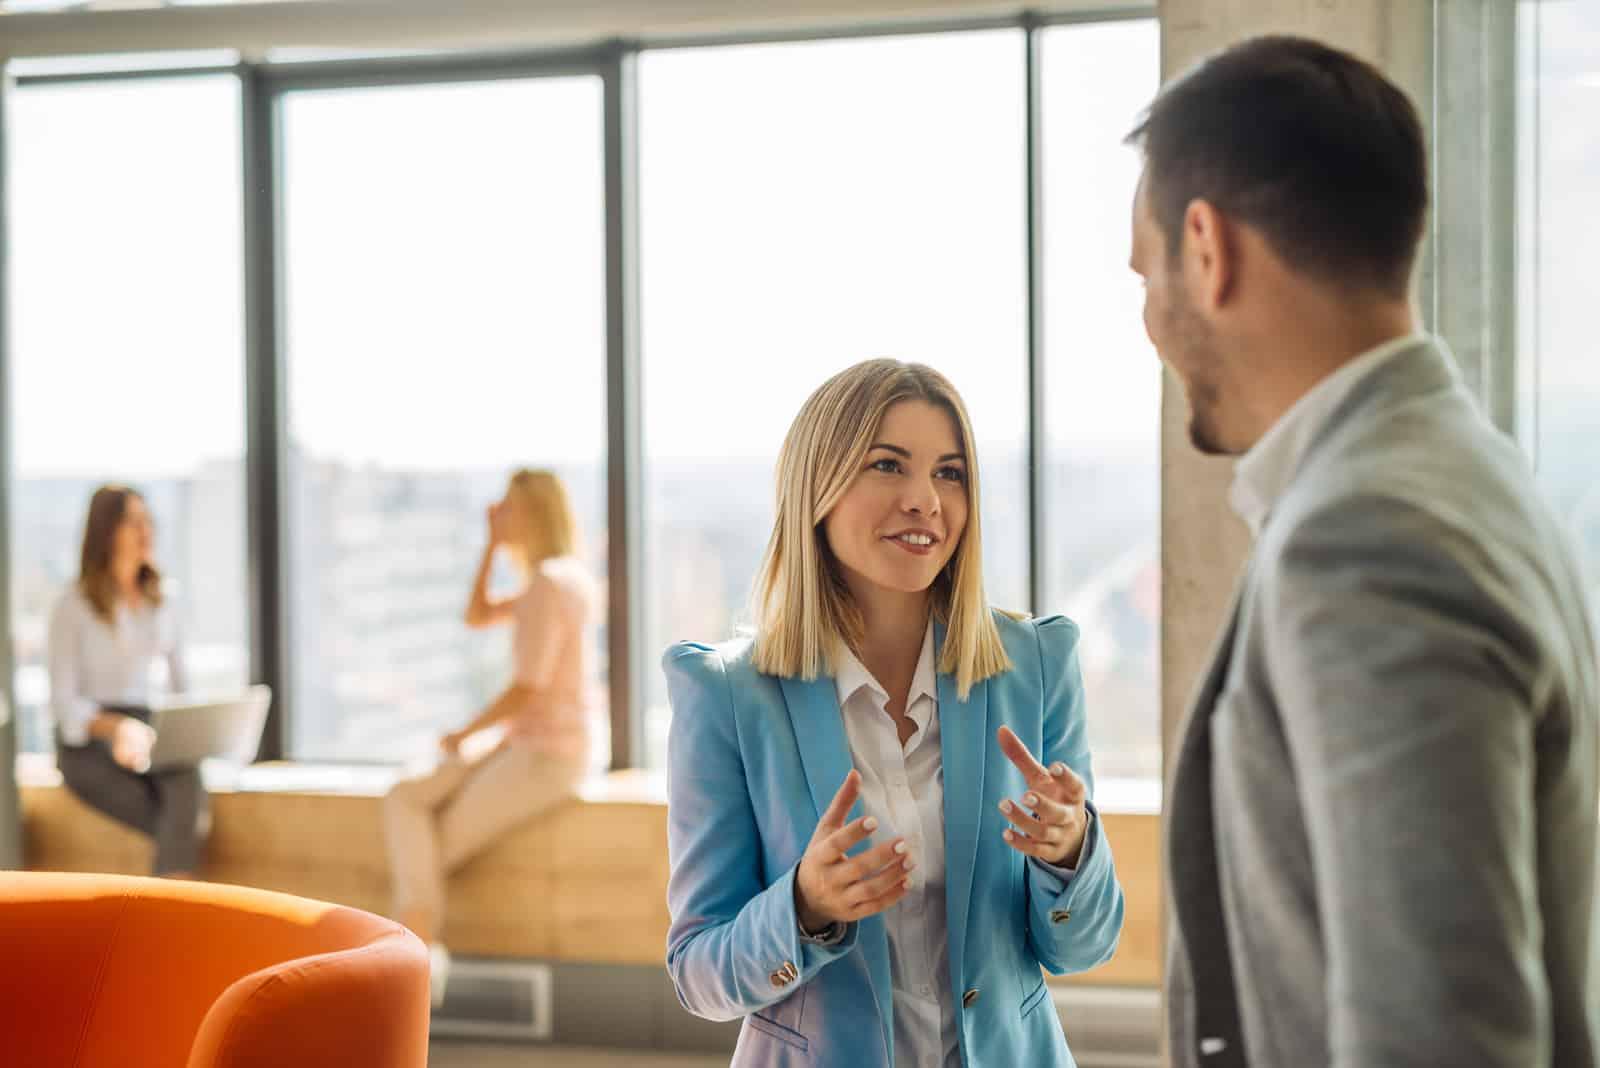 un homme et une femme discutent au bureau